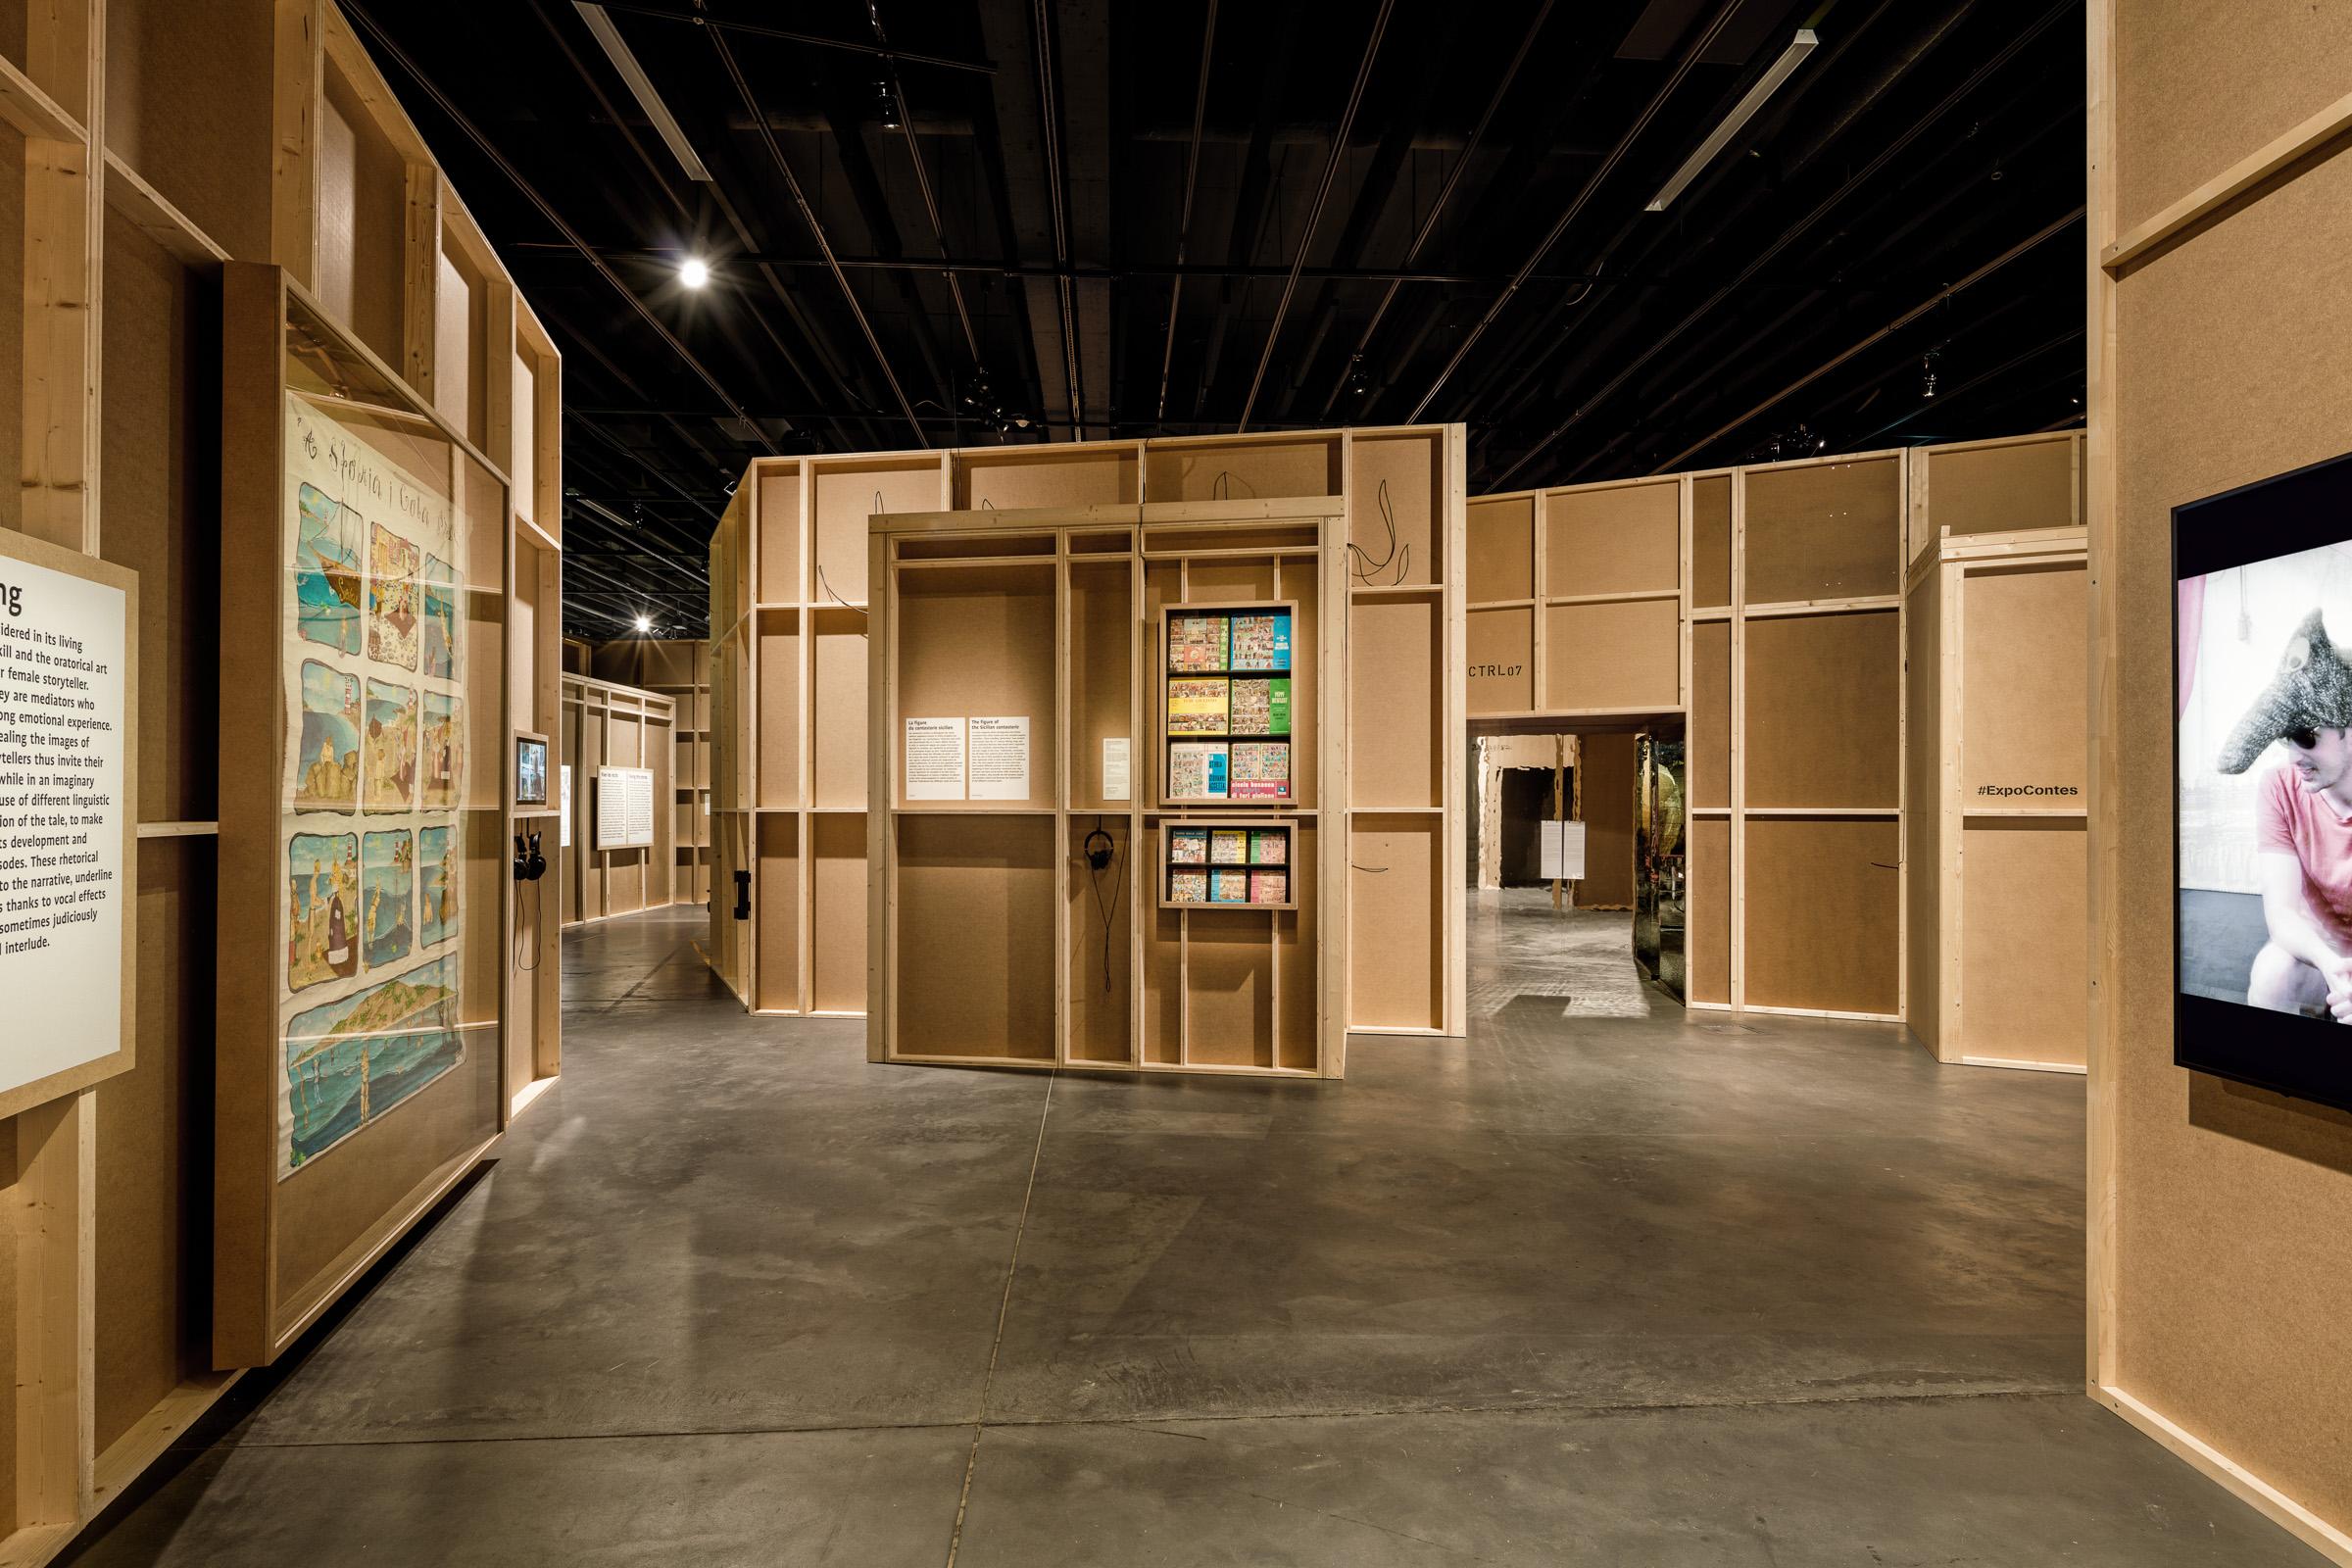 19-115 - MCH Group expomobilia -  Les Fabriques Des Contes - MEG--16.jpg